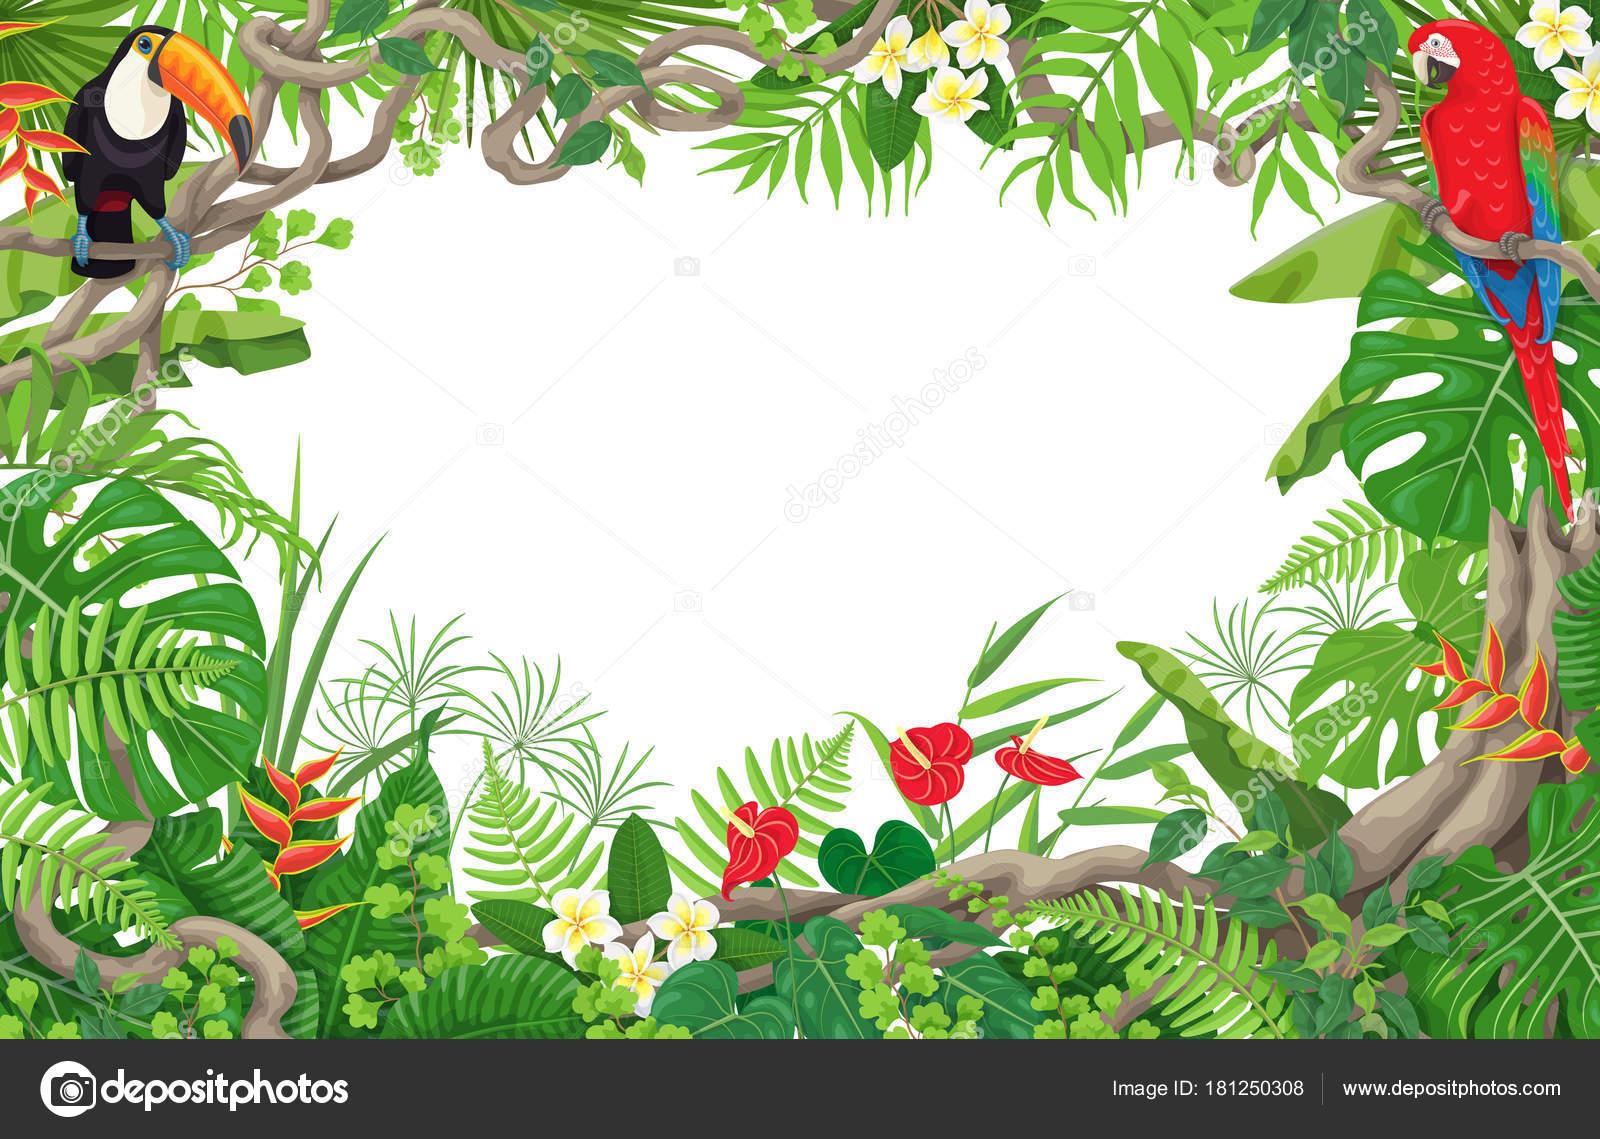 Tropische Pflanzen und Vögel Rahmen — Stockvektor © Valiva #181250308